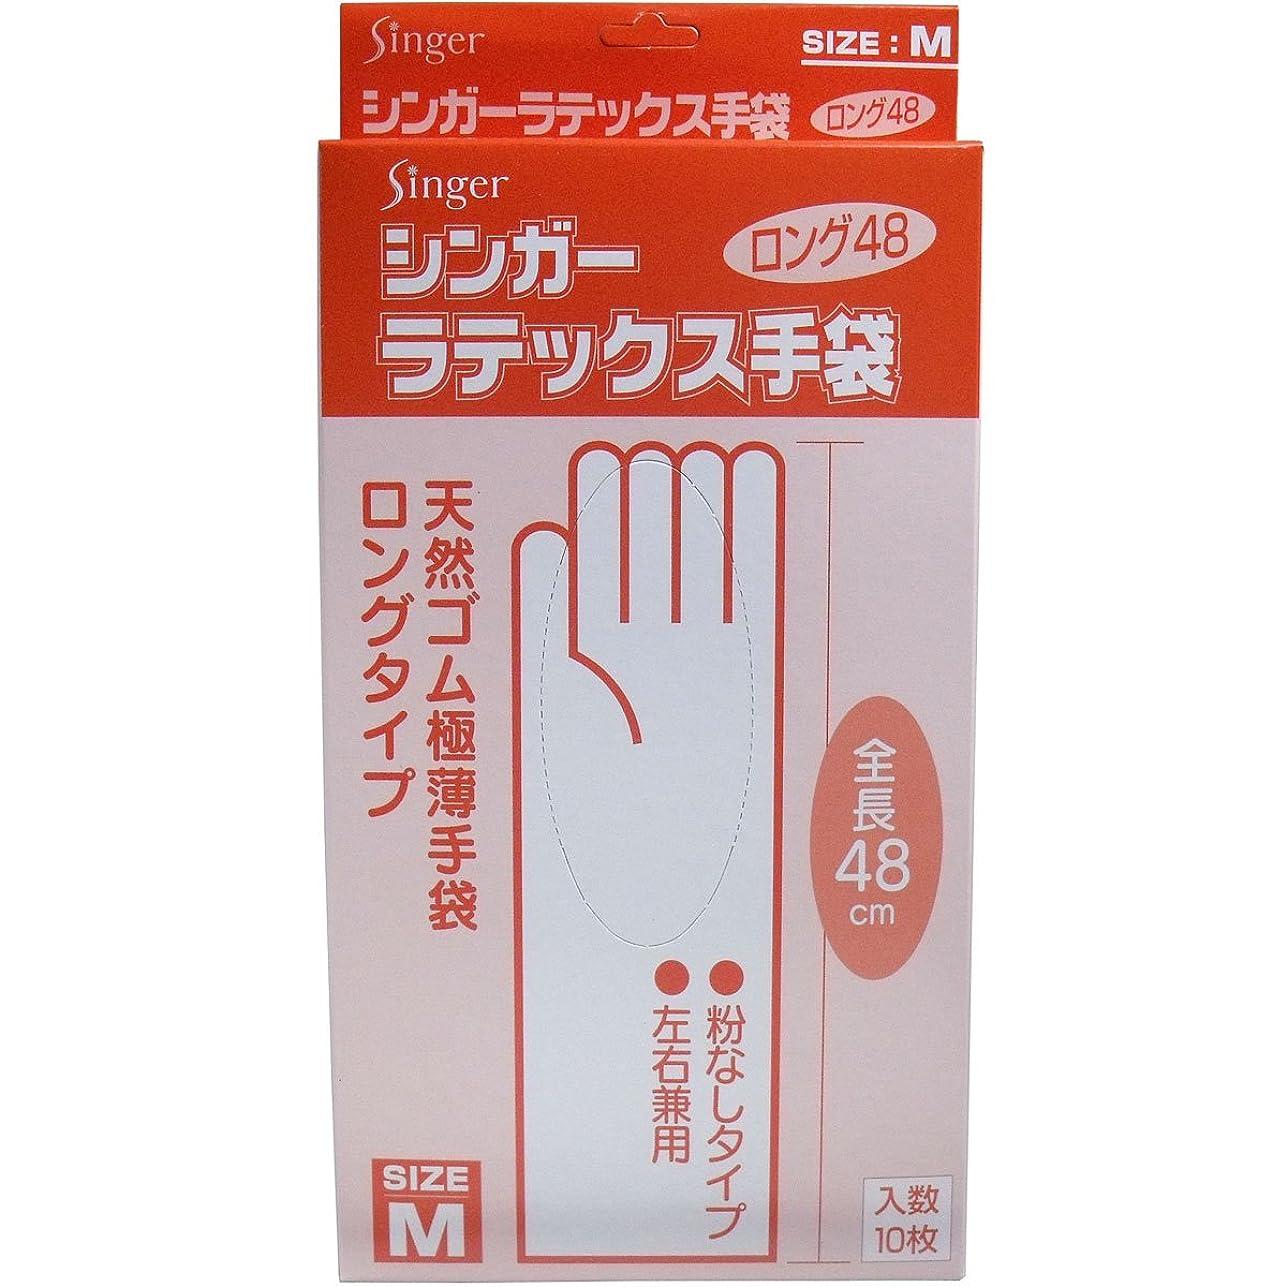 正確傀儡バクテリア宇都宮製作 シンガー ラテックス手袋 ロング48 パウダーフリー M 1セット(30枚:10枚×3箱)